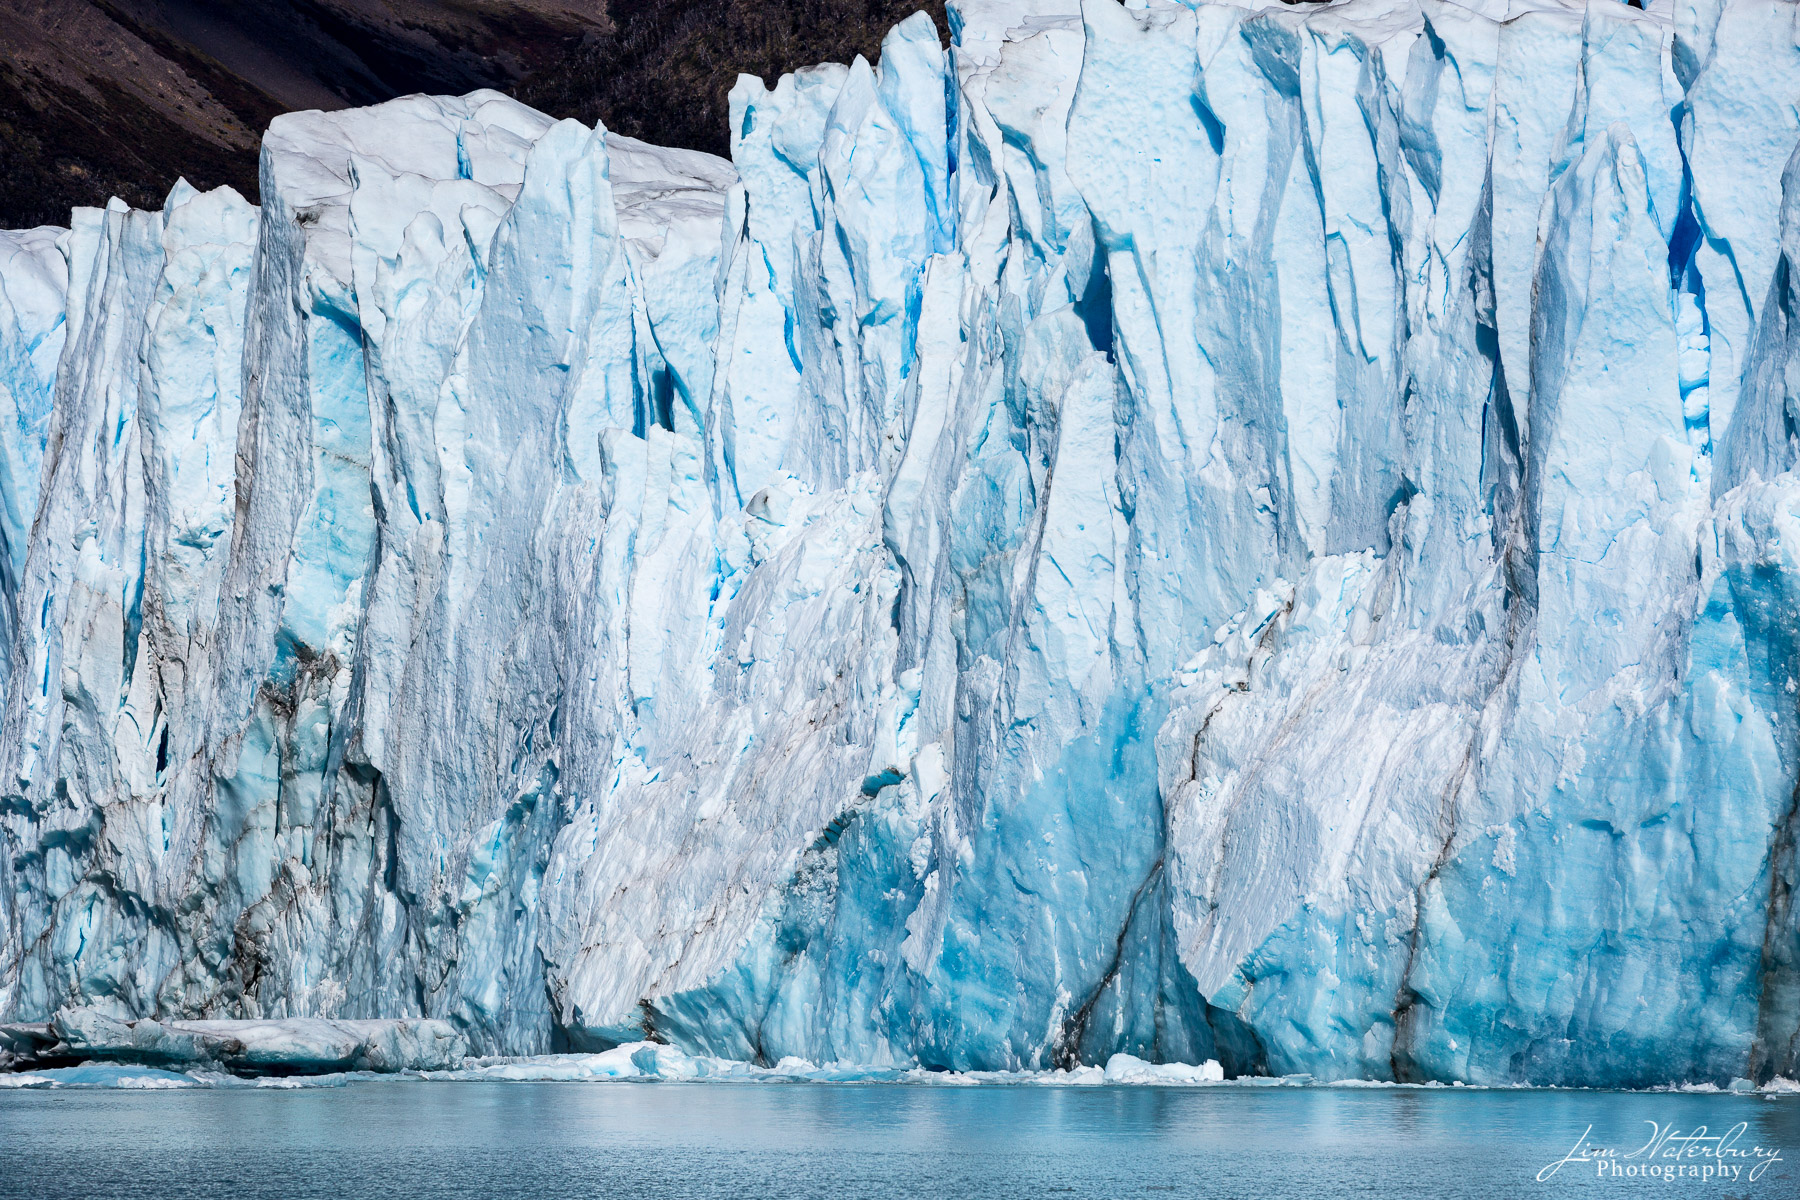 The Perito Moreno Glacier is a glacier located in Los Glaciares National Park in southwest Santa Cruz Province, Argentina.